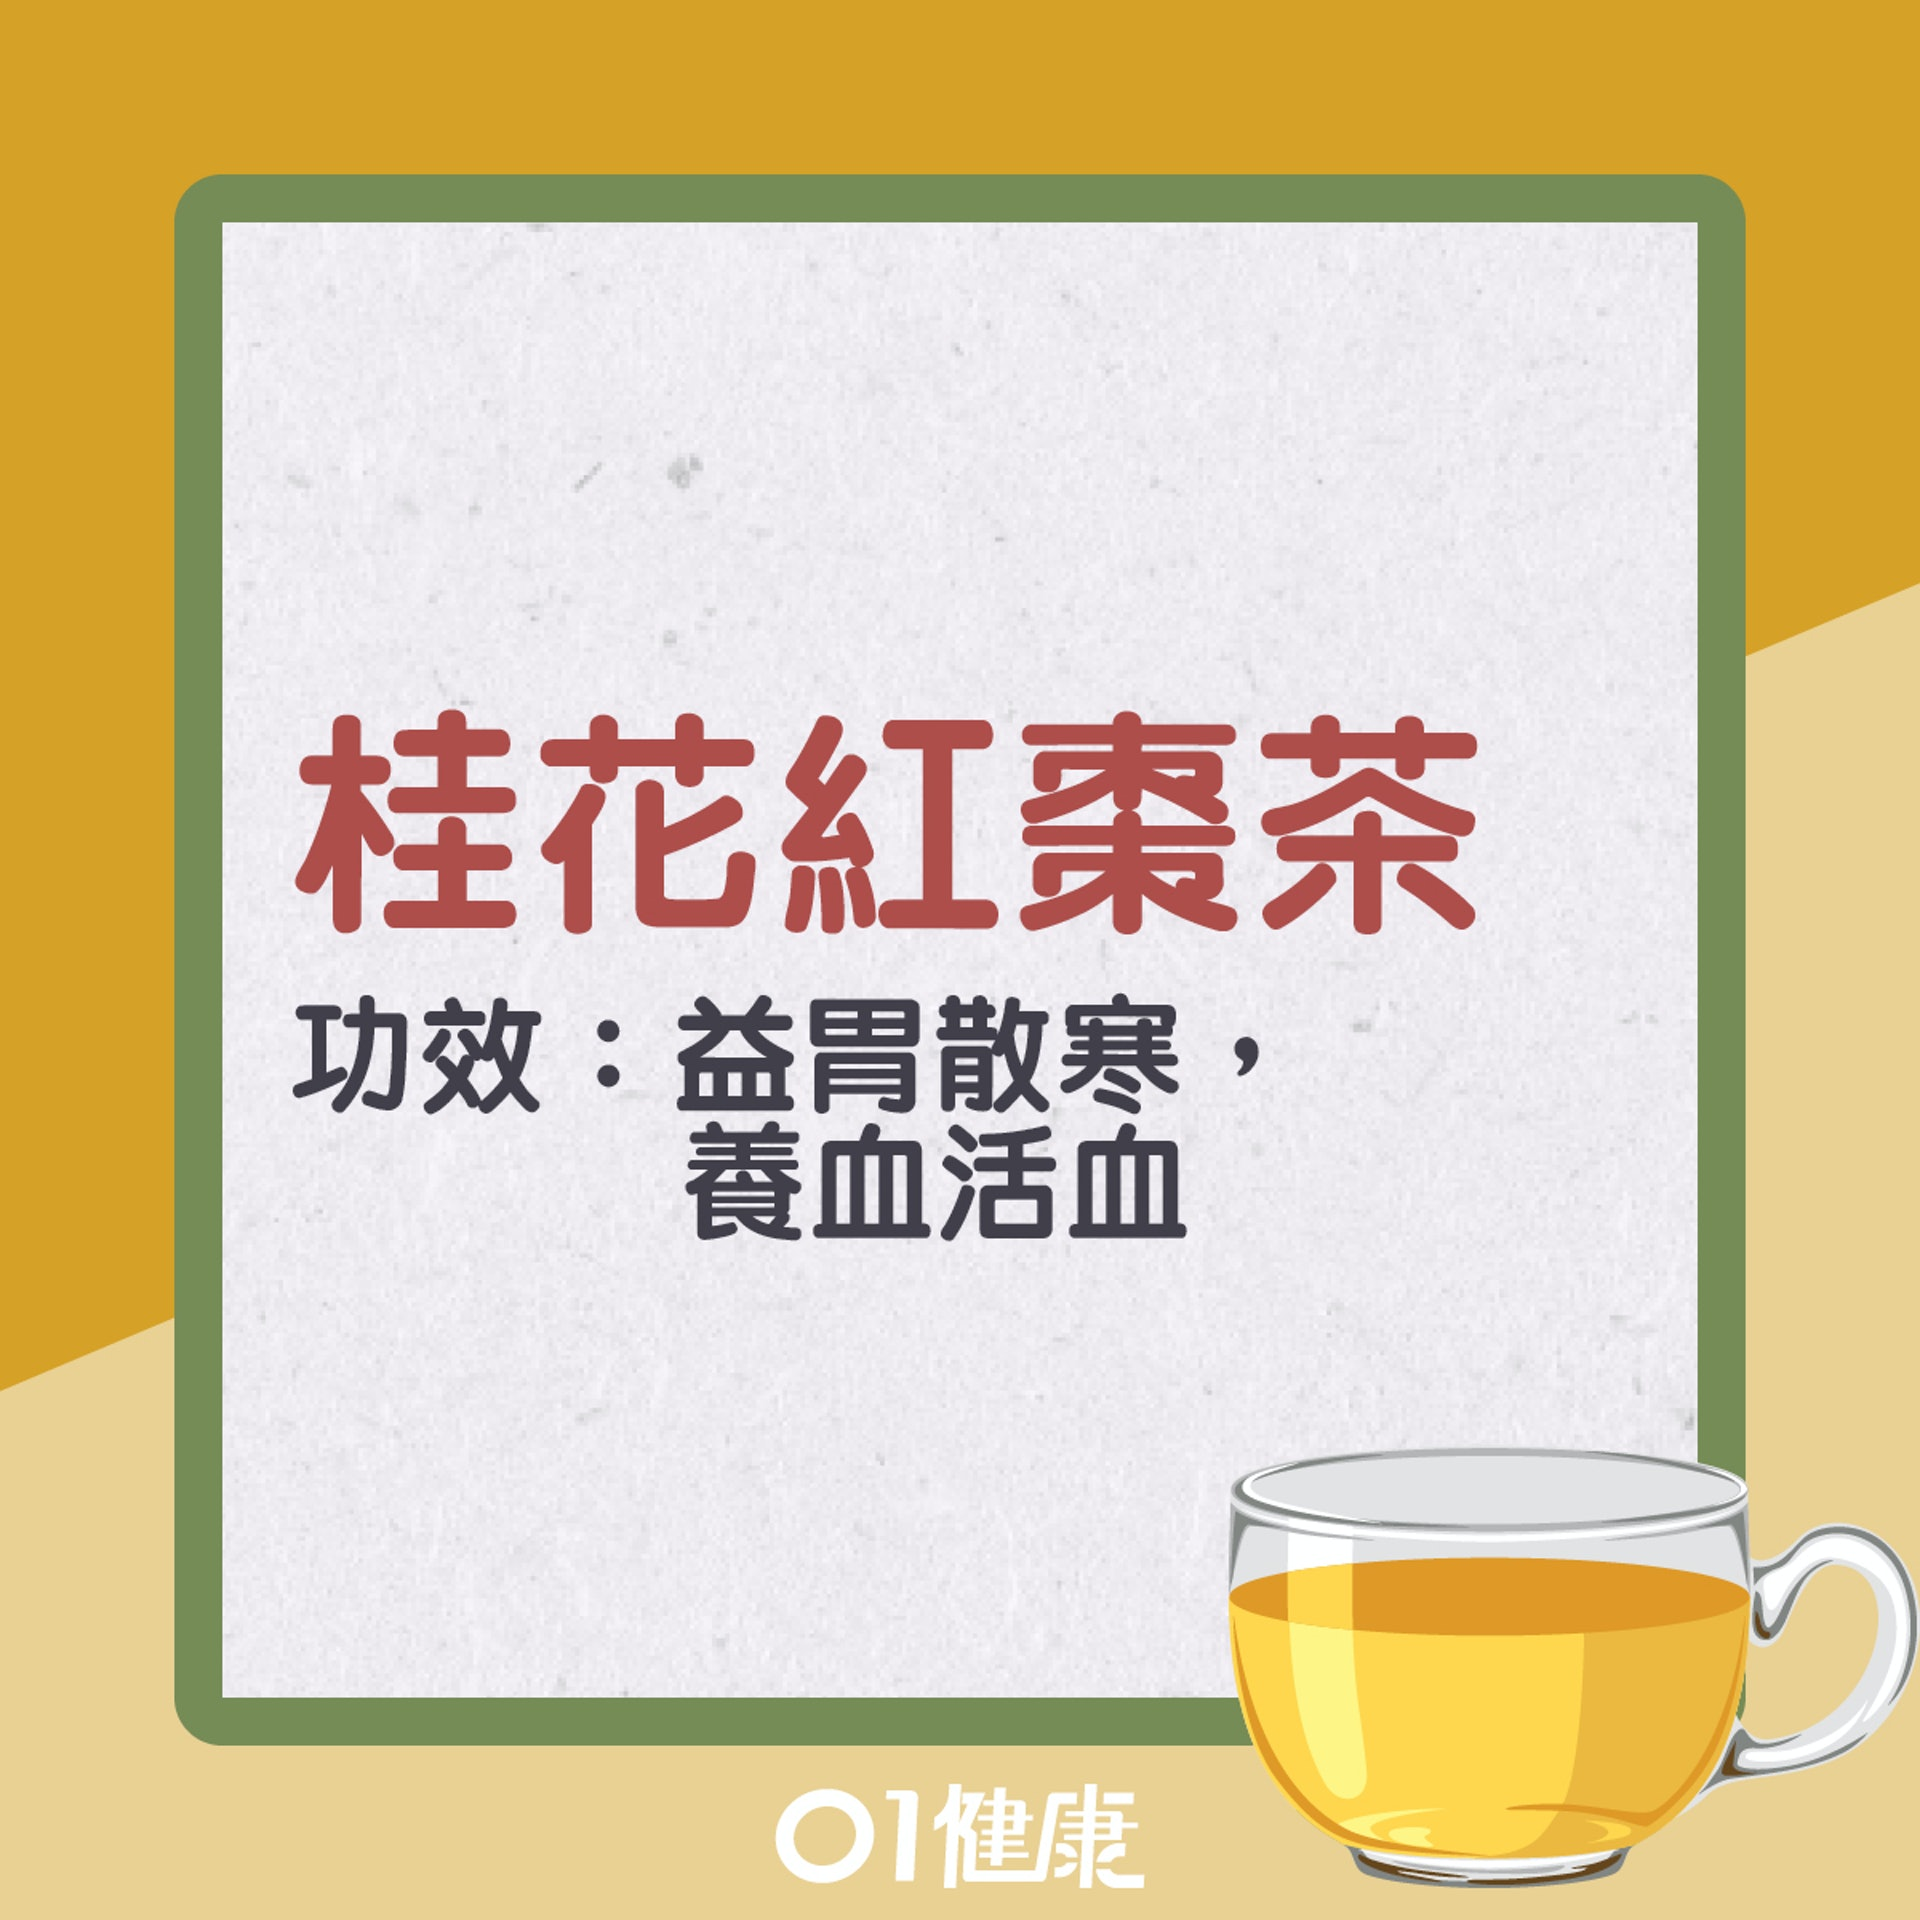 桂花紅棗茶(01製圖)